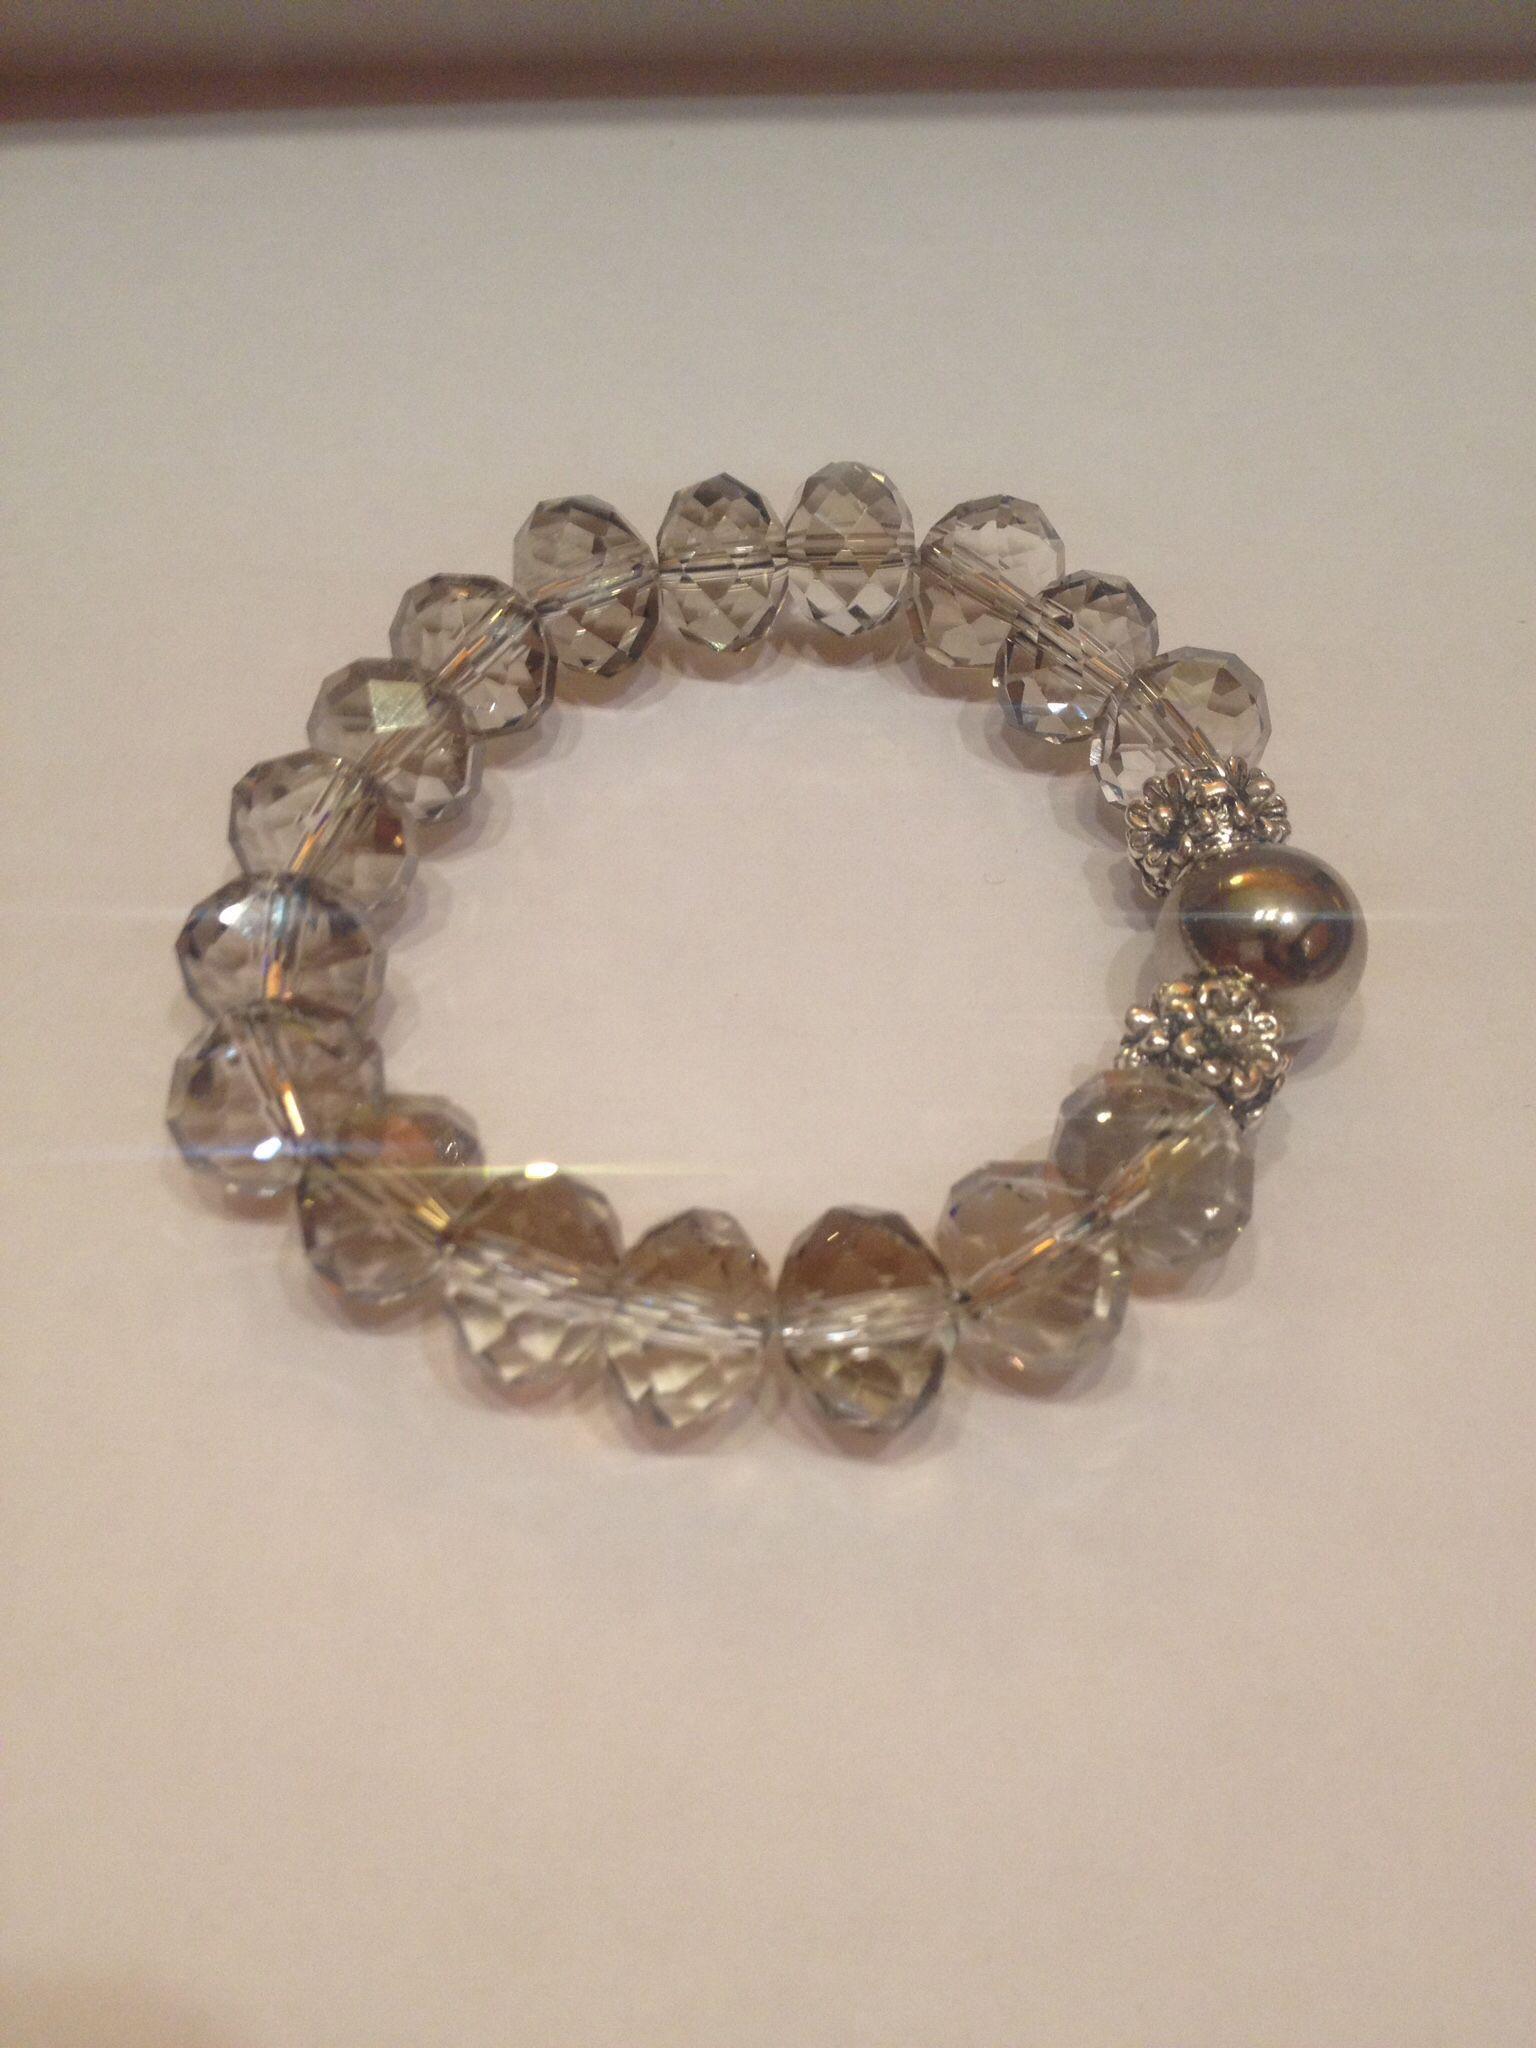 The light of bracelets DYI a